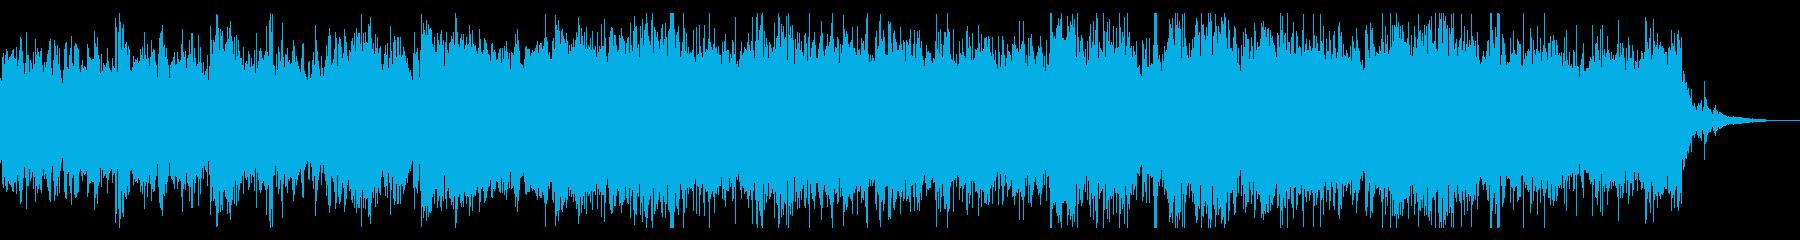 幻想的でデジタルなテクスチャの再生済みの波形